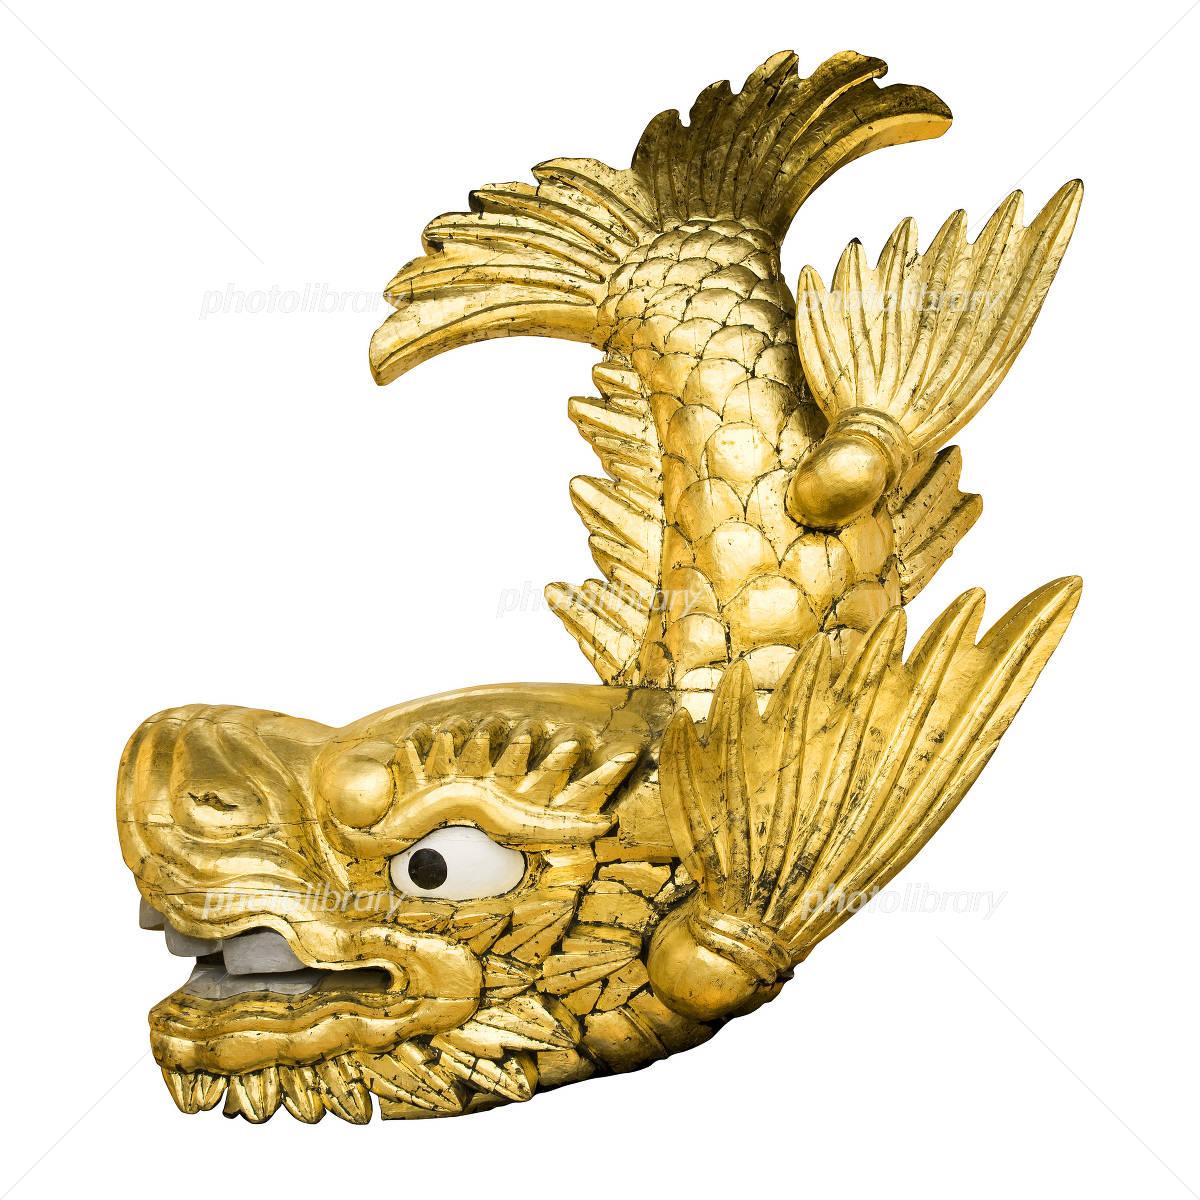 金のシャチホコ 写真素材 [ 1169...